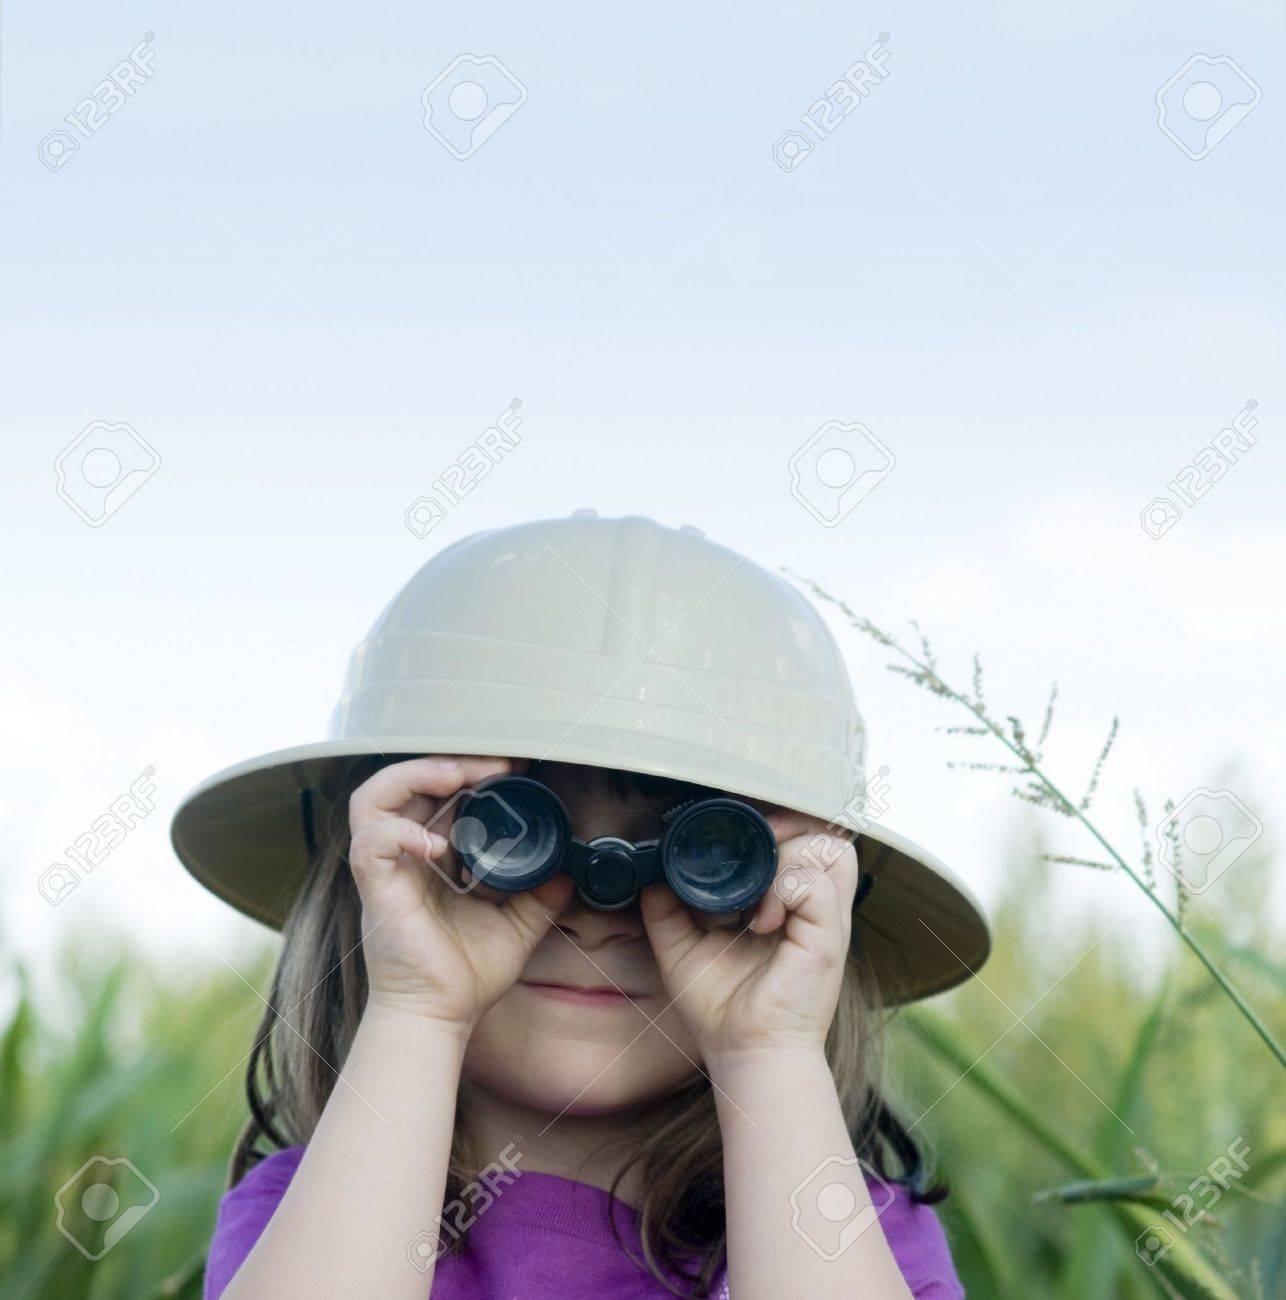 f4f0dc28e968e Little girl looking through binoculars with safari hat Stock Photo - 3599519